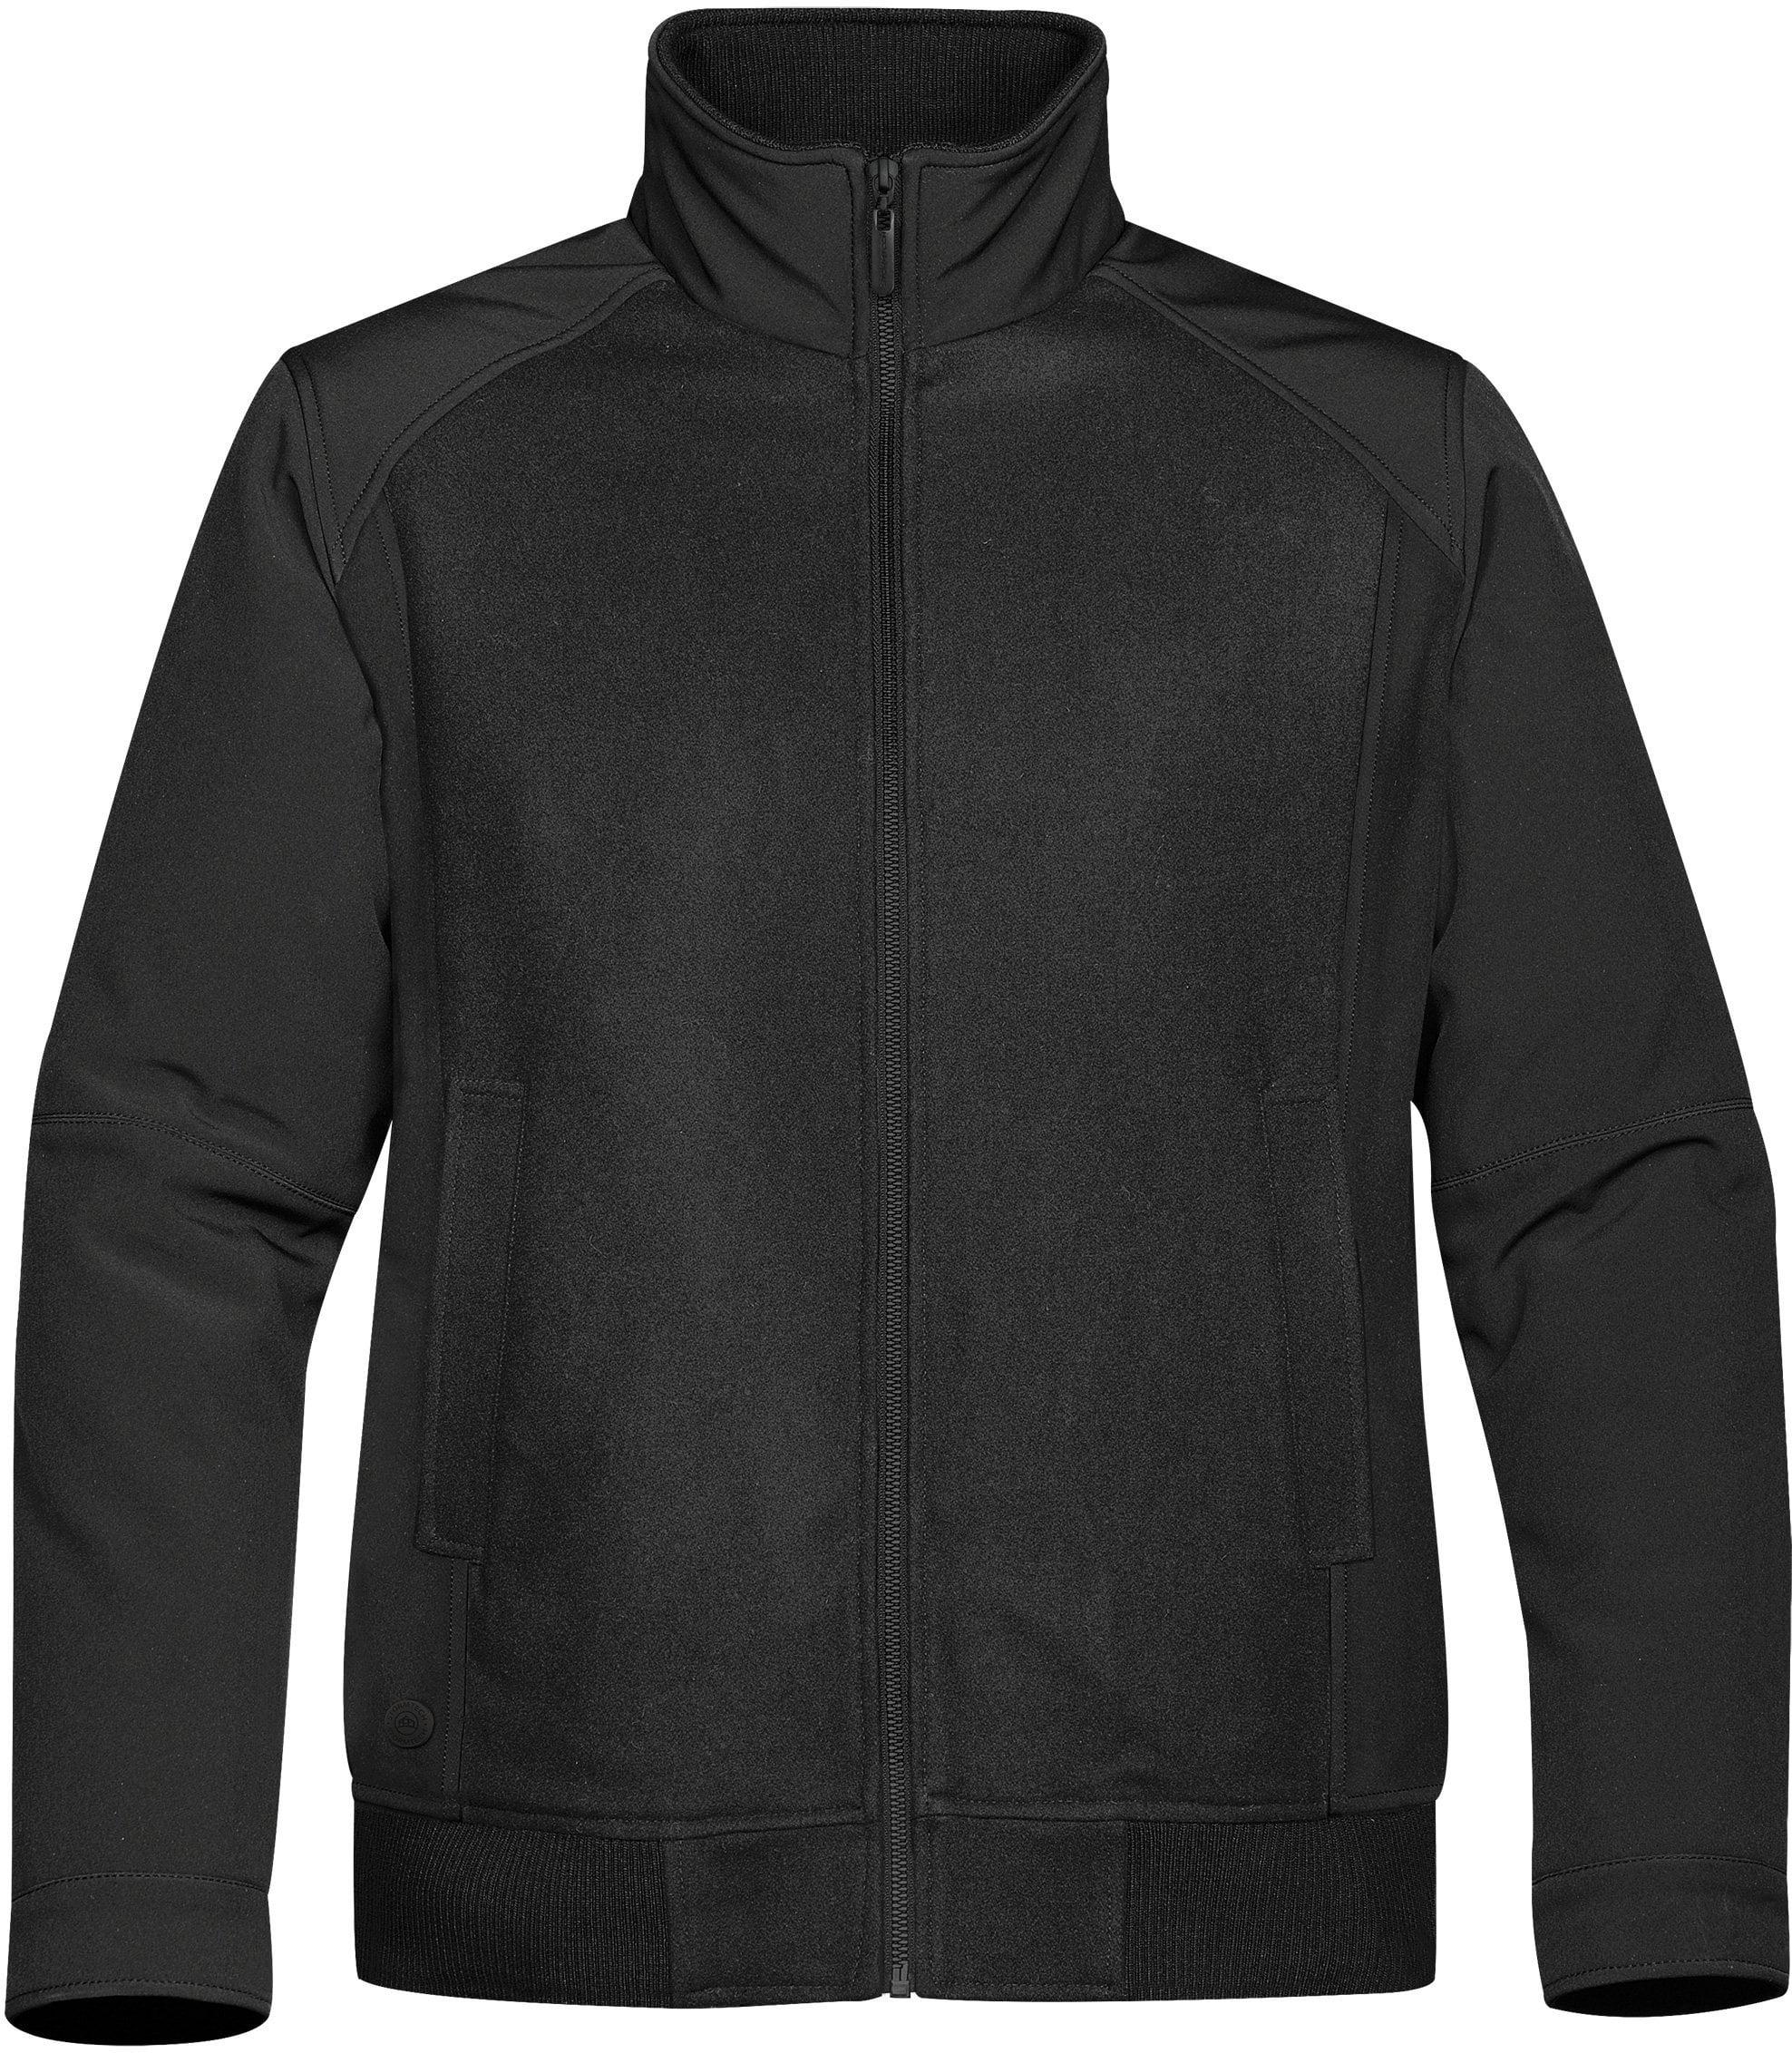 Stormtech - StormTech Men's Barrier Wool Bonded Club Jacket - WBX-1. BLACK/BLACK. Medium - Walmart.com